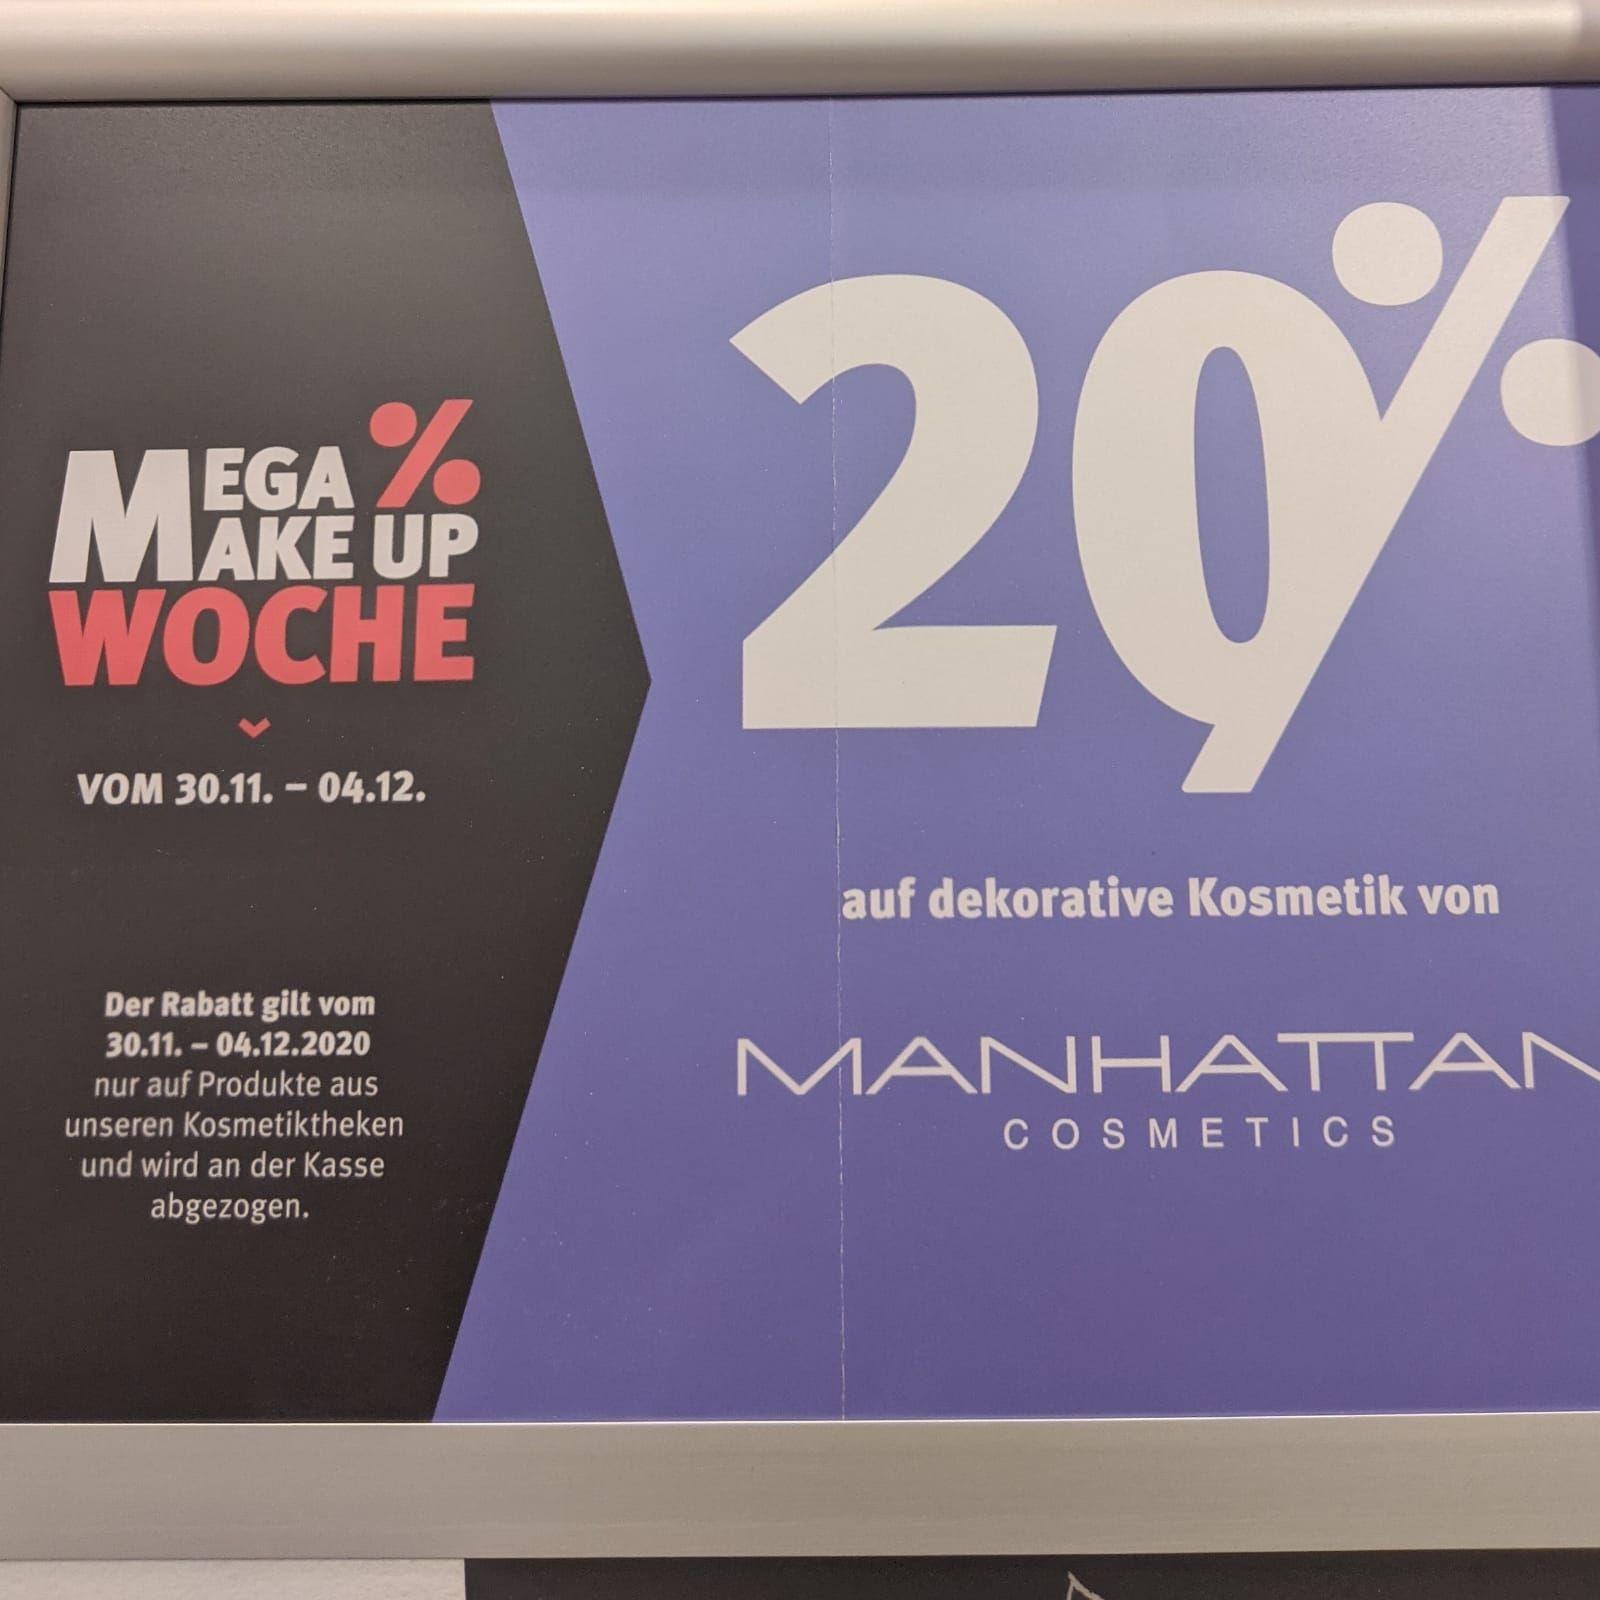 Rossmann: 20% auf dekorative Kosmetik von Manhattan